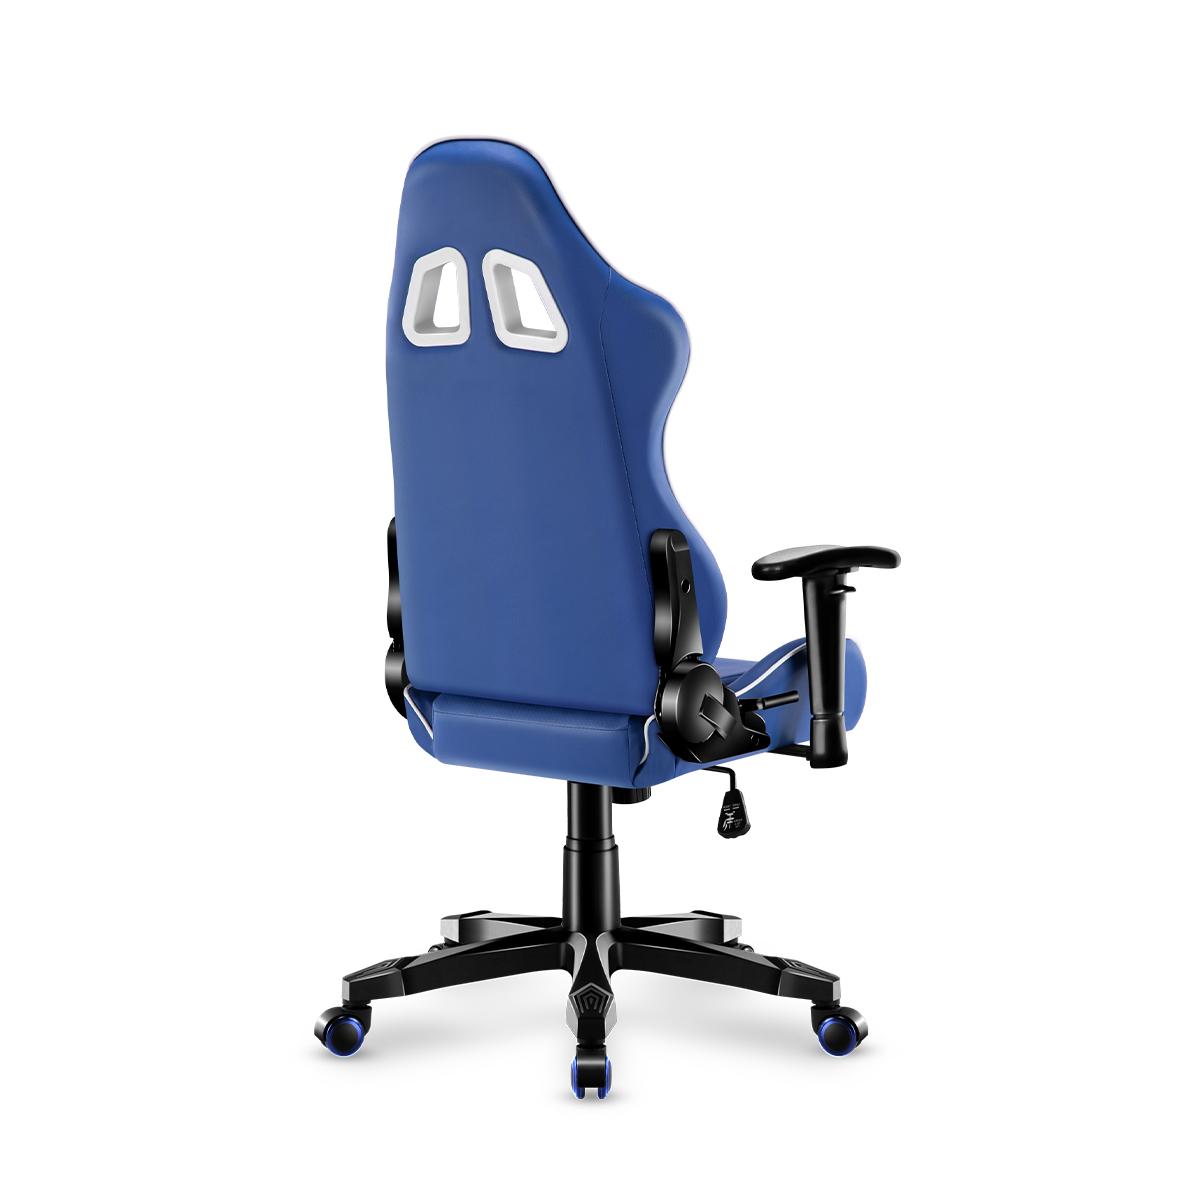 Tył fotela dziecięcego Ranger 6.0 Blue